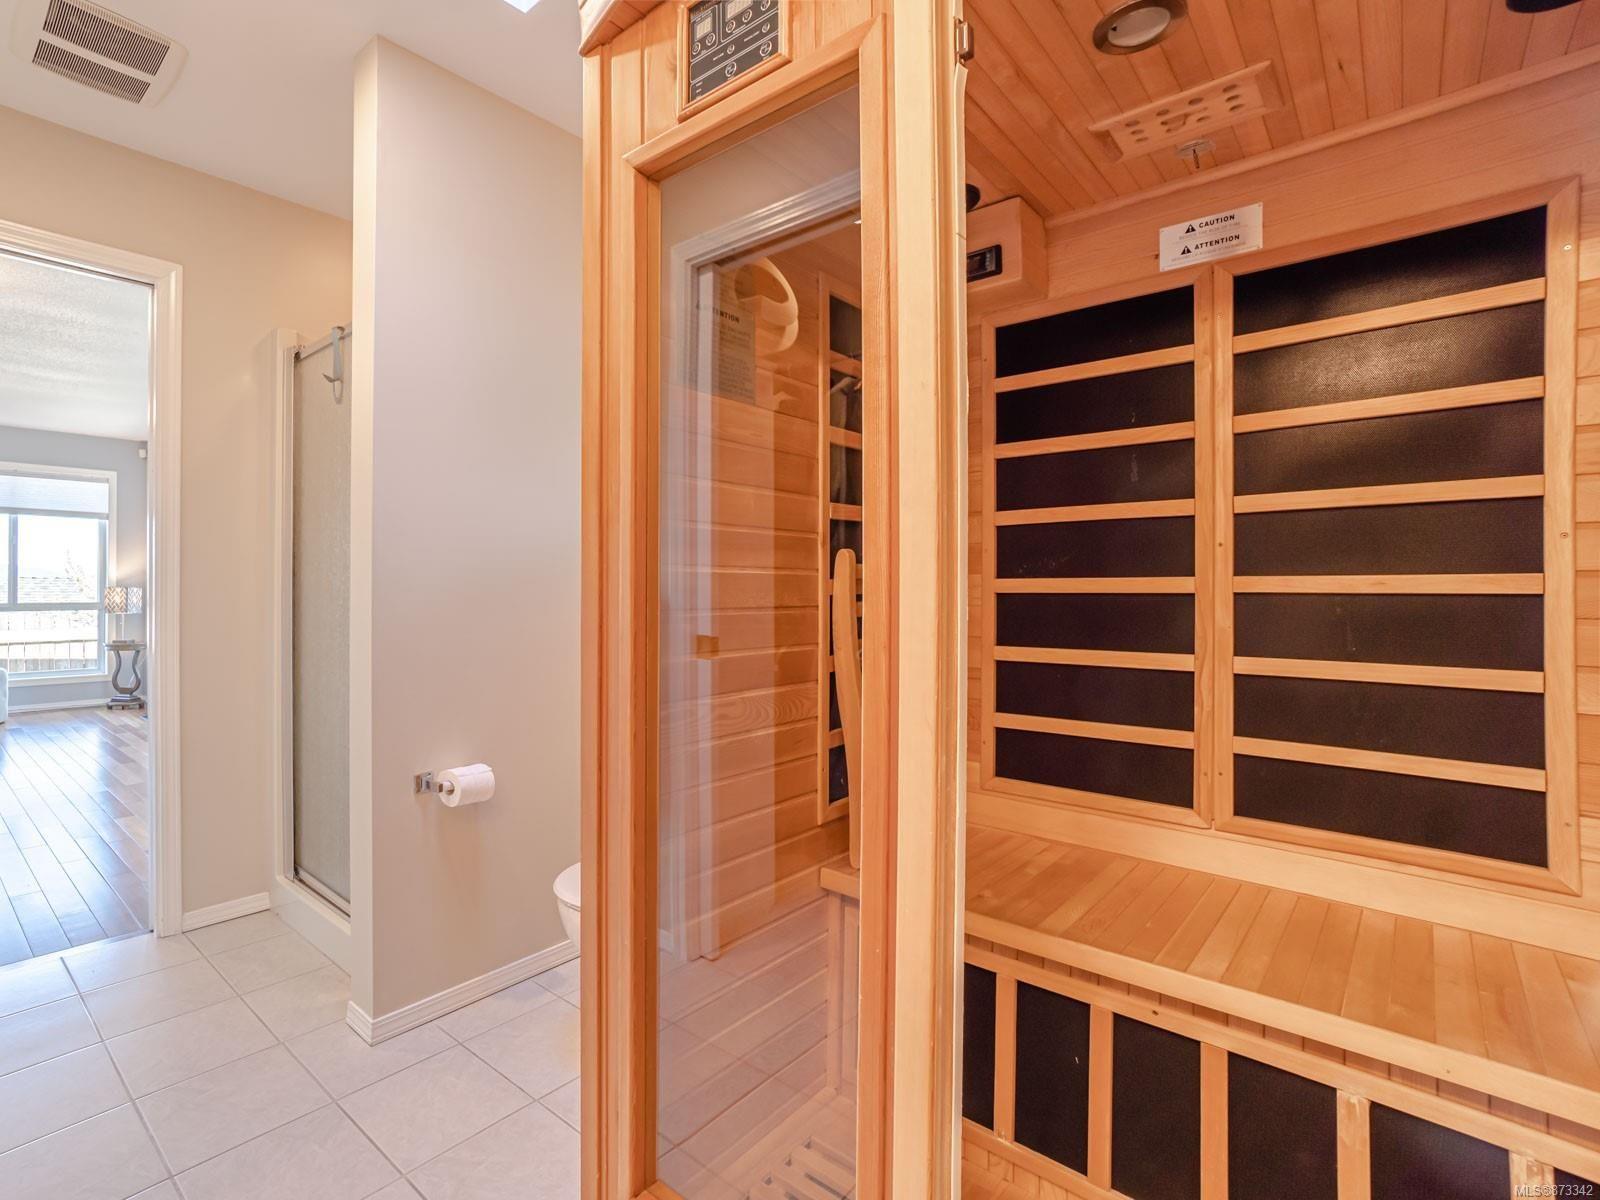 Photo 47: Photos: 5294 Catalina Dr in : Na North Nanaimo House for sale (Nanaimo)  : MLS®# 873342